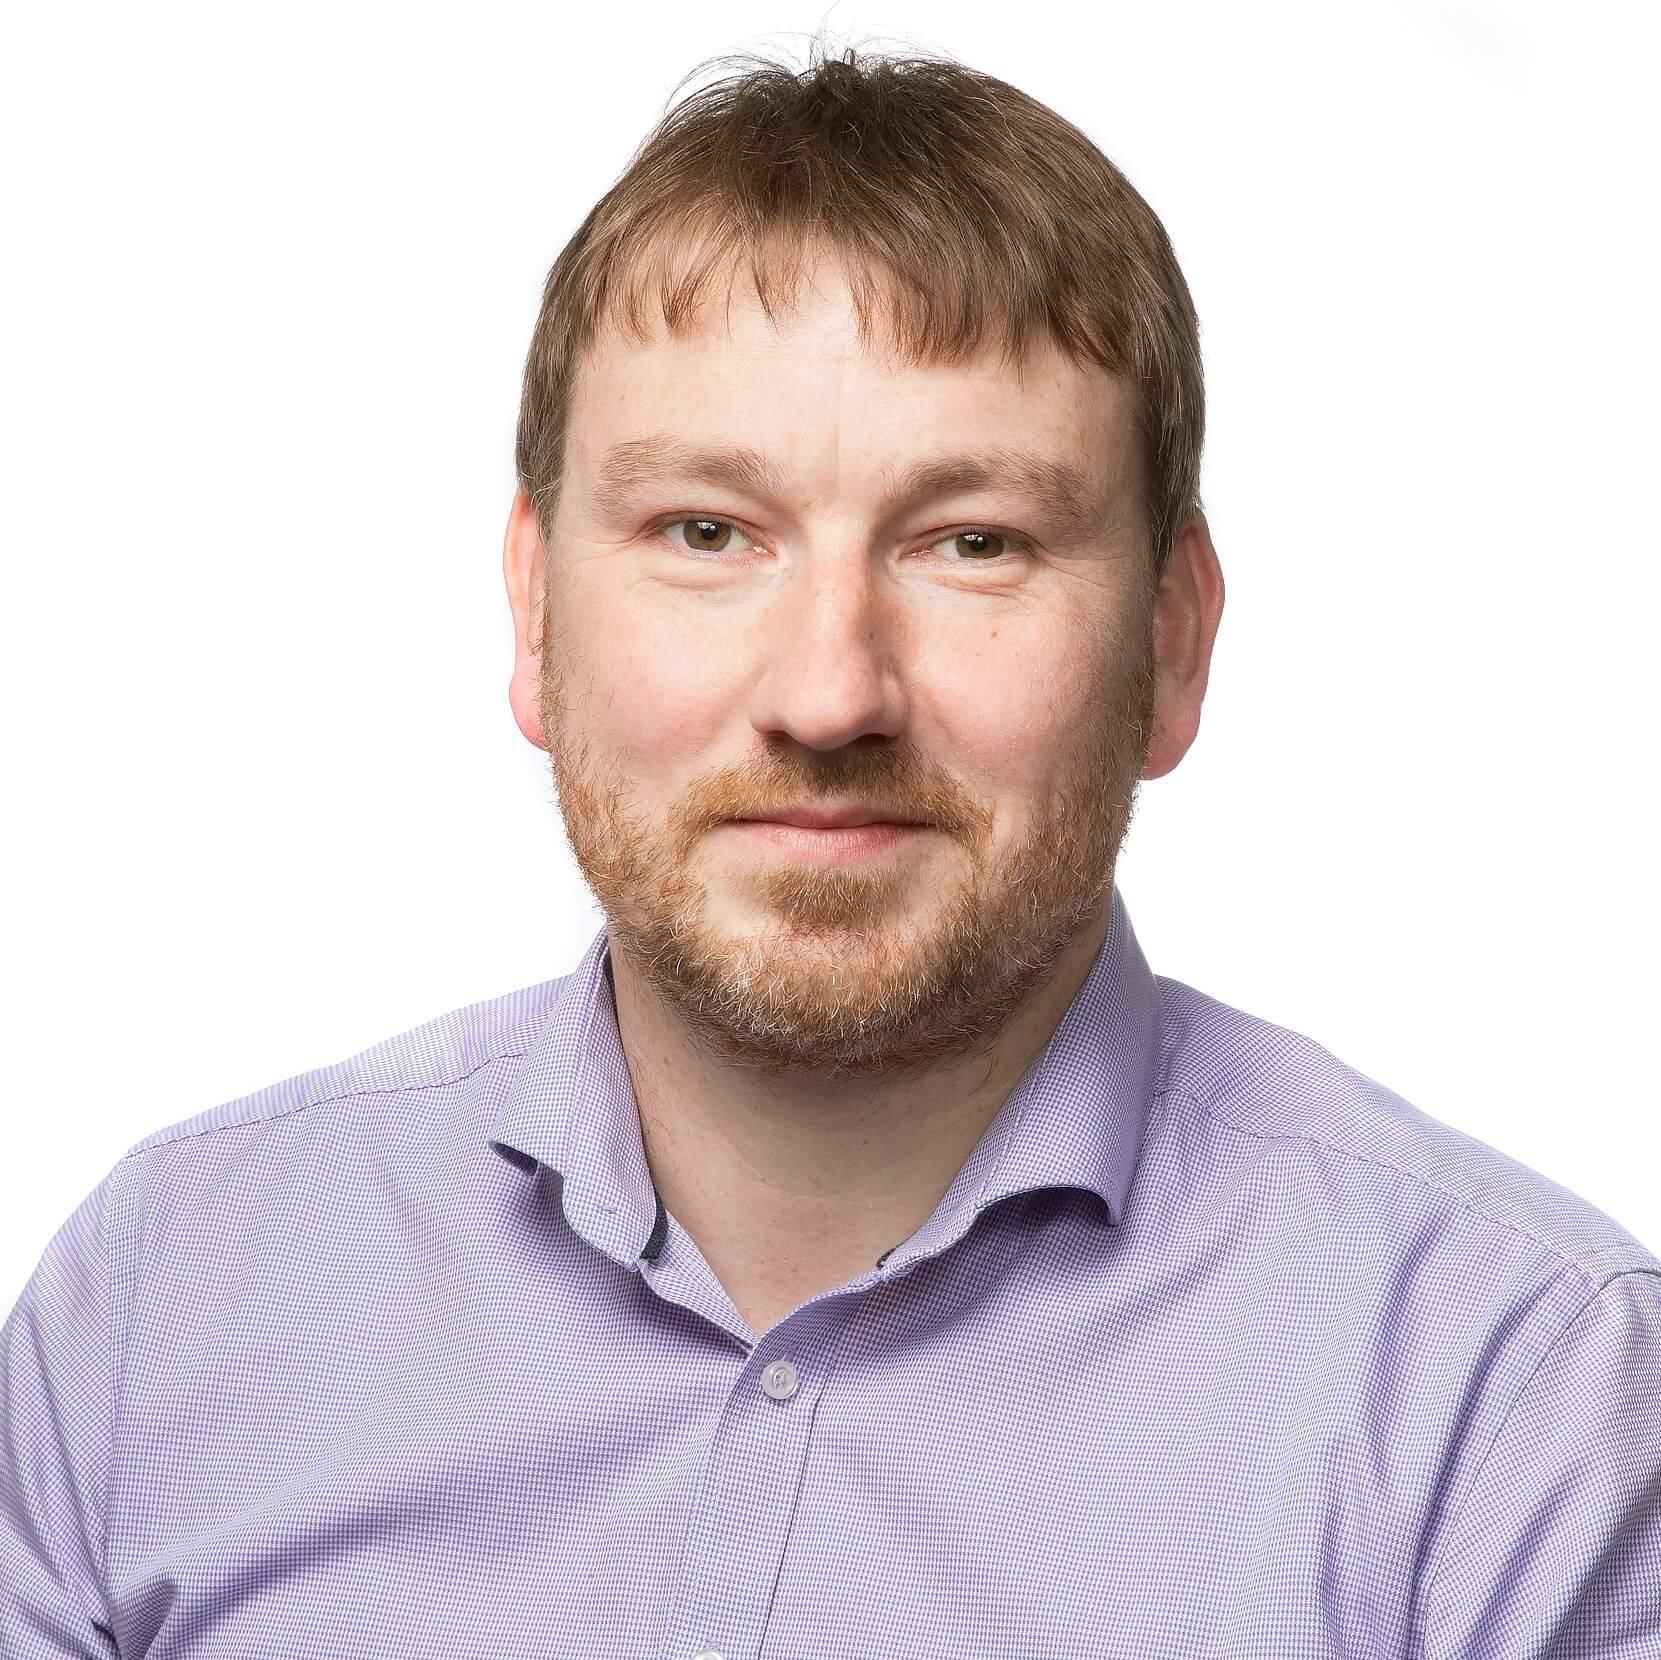 Jürgen Appel